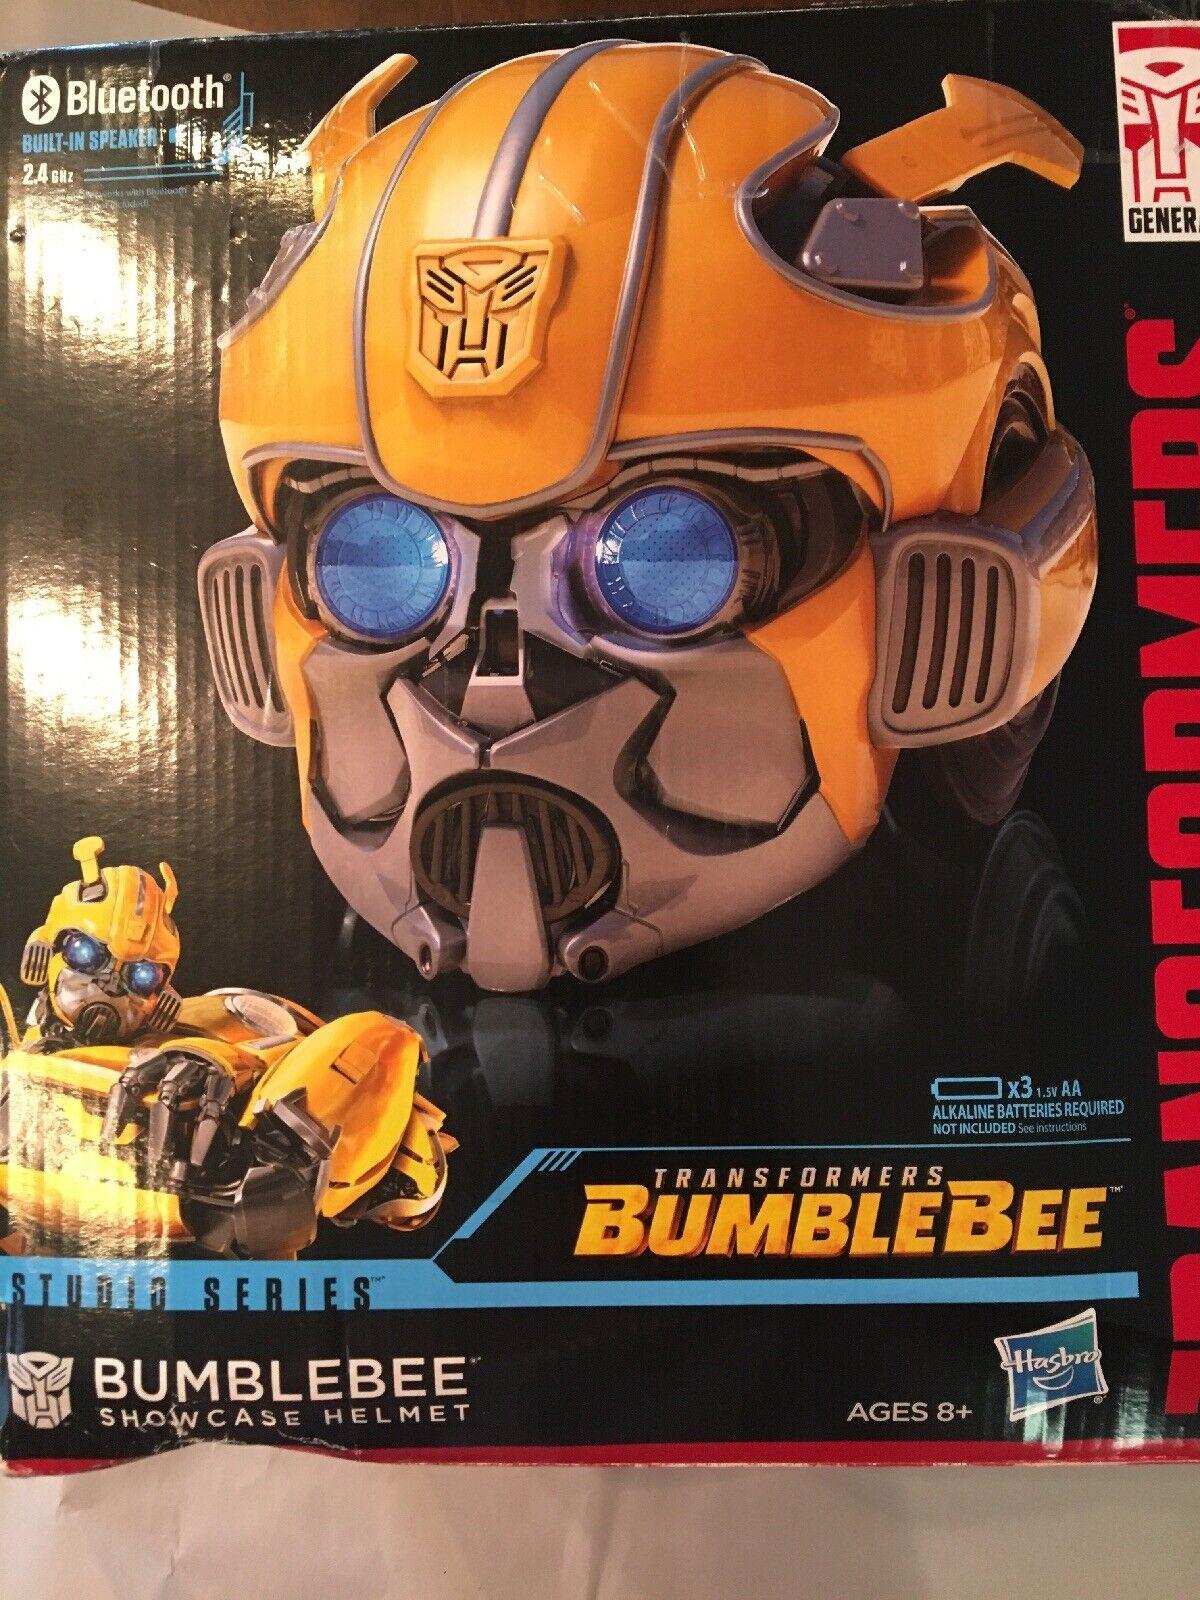 Transformers Bumblebee blutooth Casco de escaparate de la serie Studio